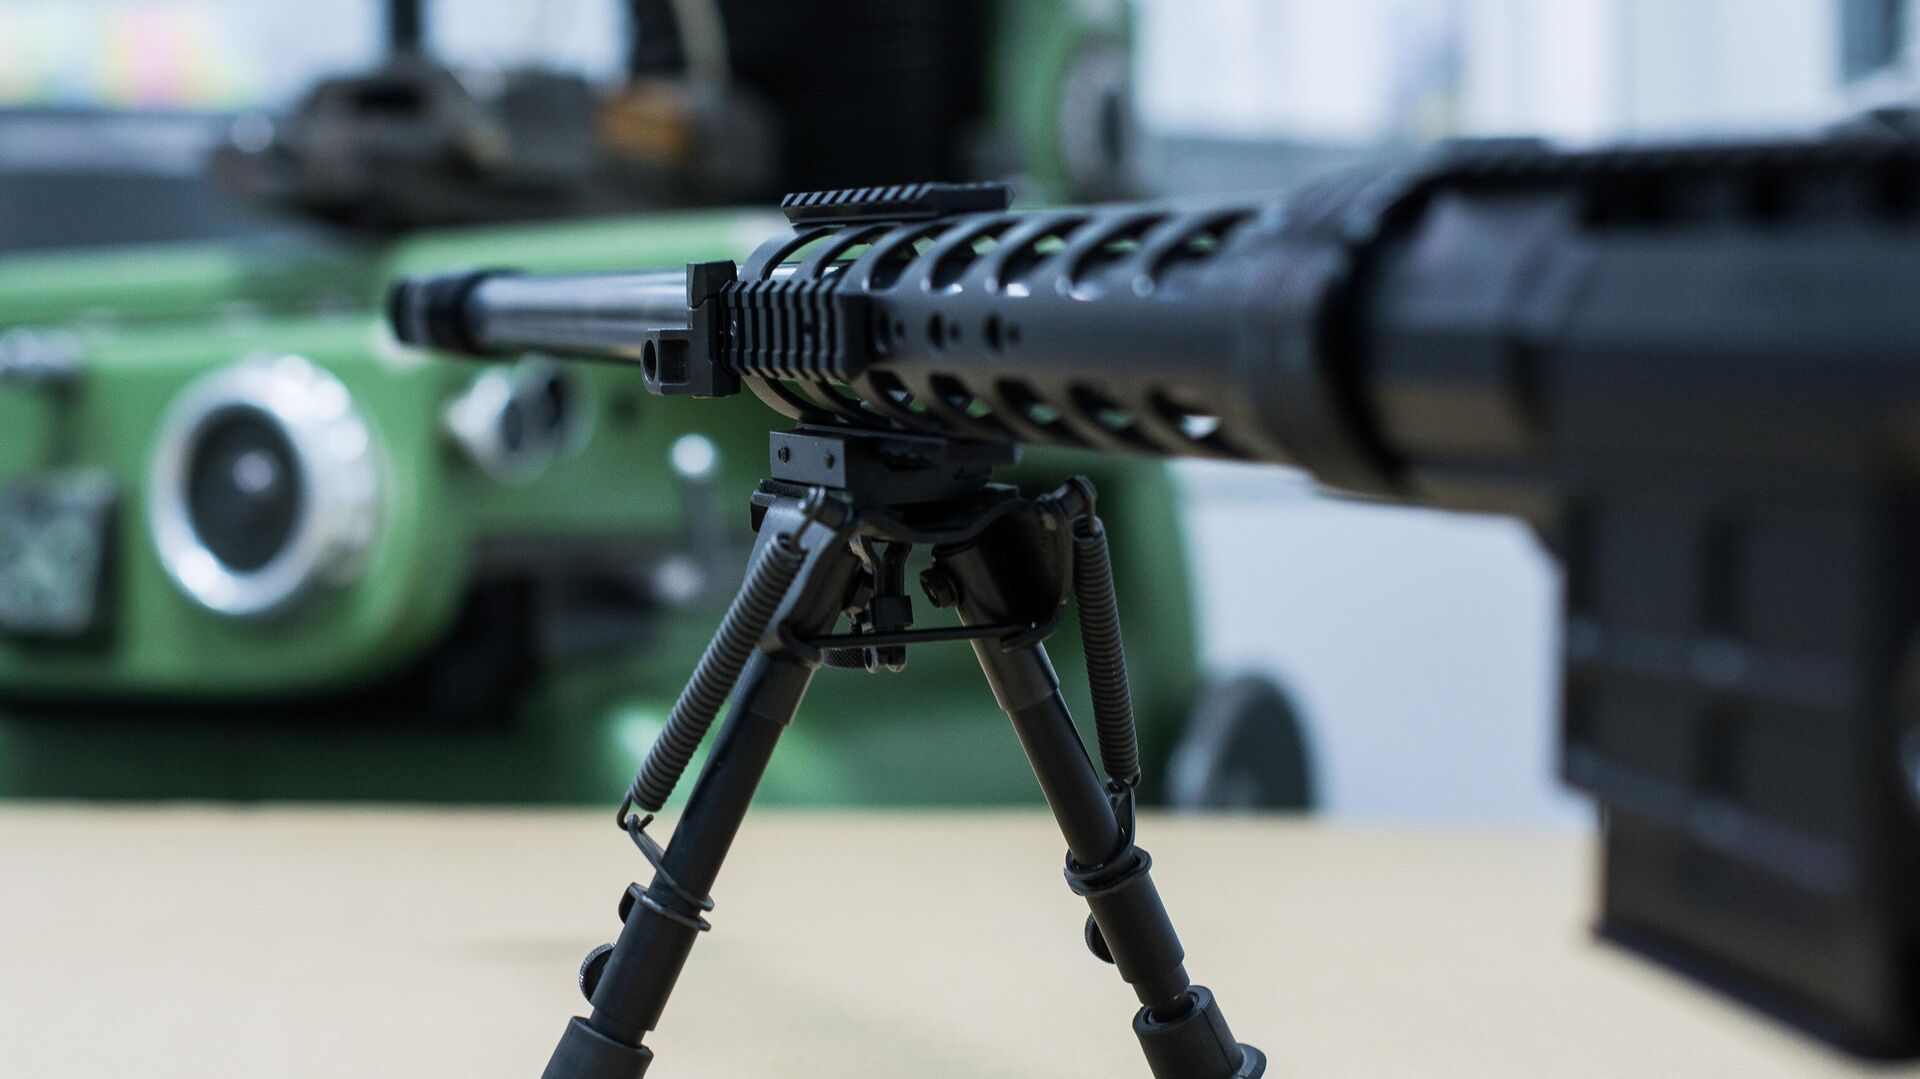 Снайперская винтовка на сошках на заводе по производству снайперских винтовок оружейной компании Lobaev Arms - РИА Новости, 1920, 05.06.2020